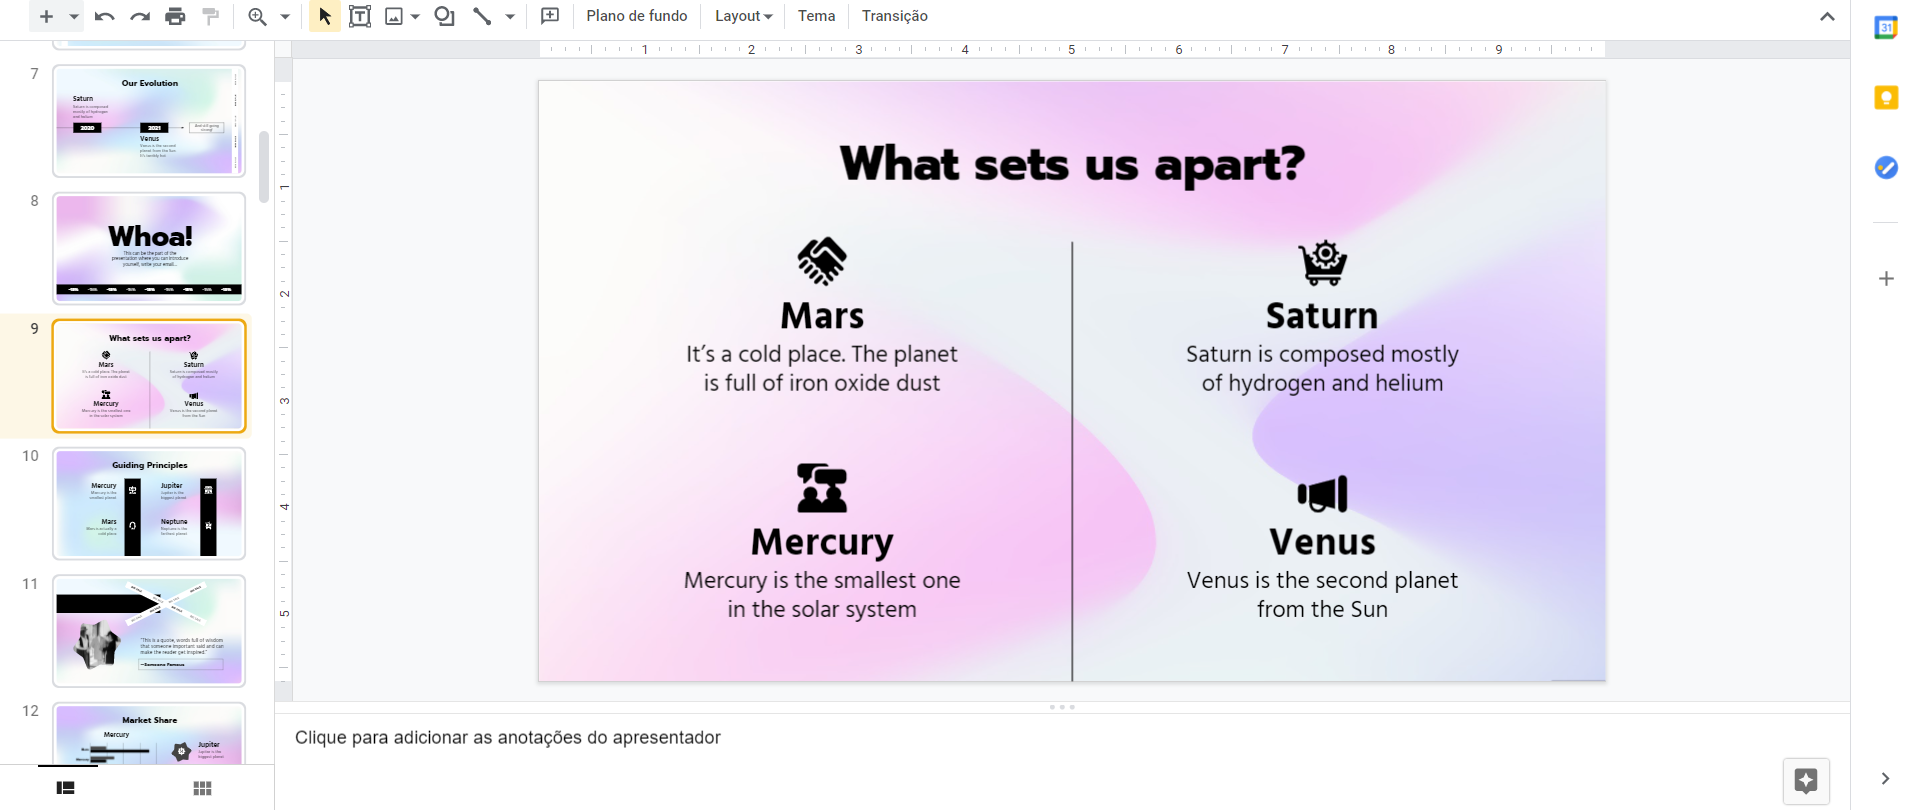 O que é o Google Slides para que serve